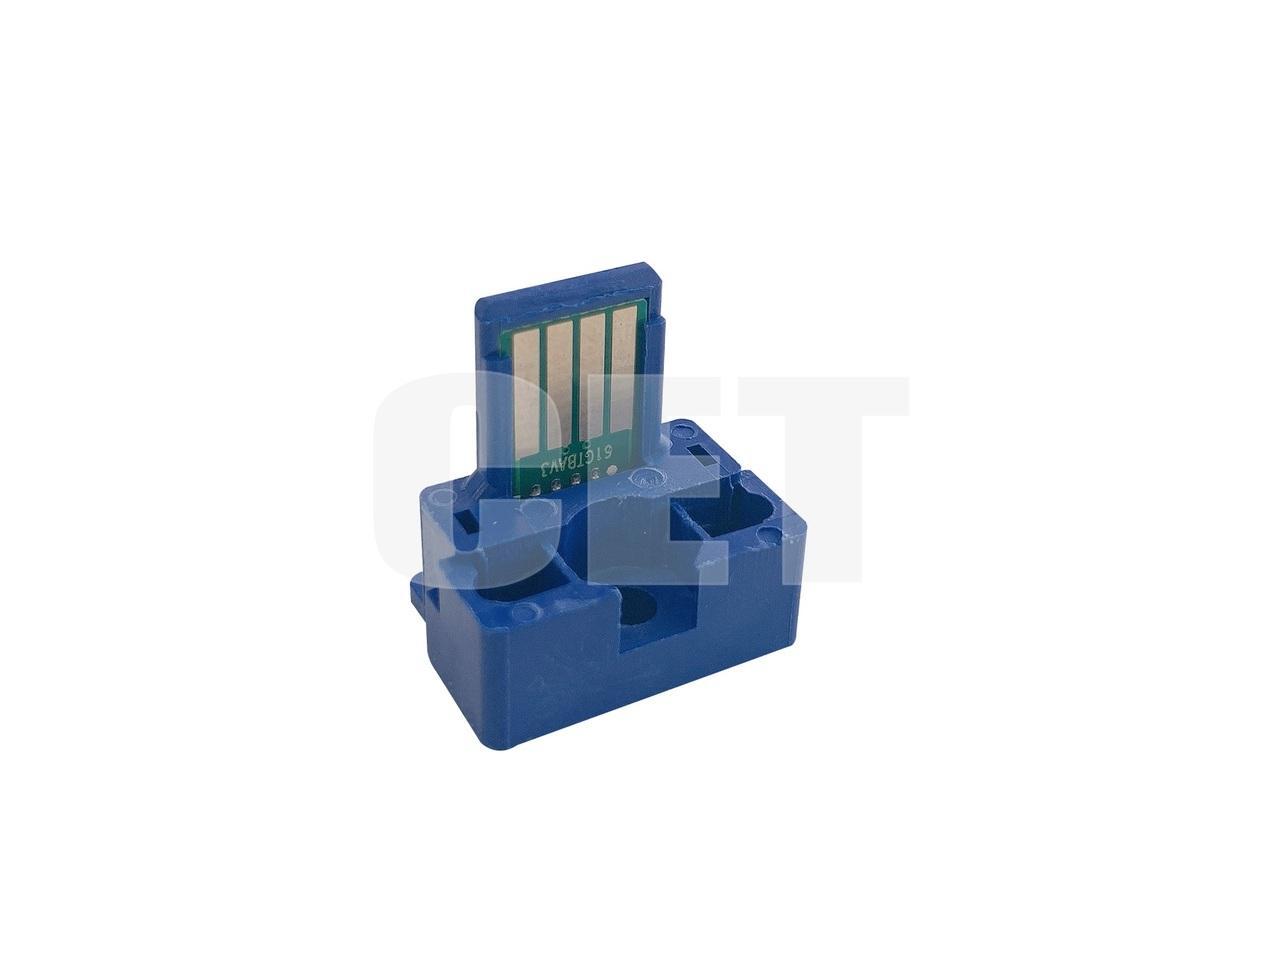 Чип картриджа MX-60GTMA, MX-61GTMA для SHARPMX-2630N (CET) Magenta, 24000 стр., CET381069